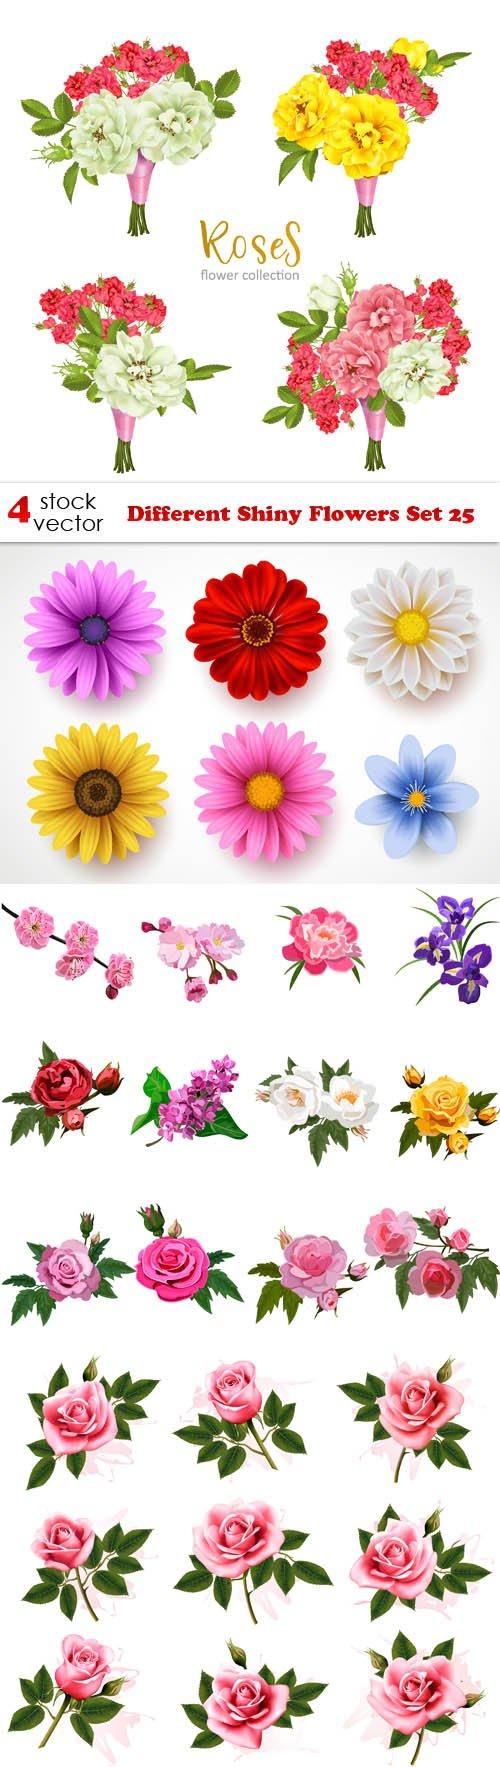 Vectors - Different Shiny Flowers Set 25